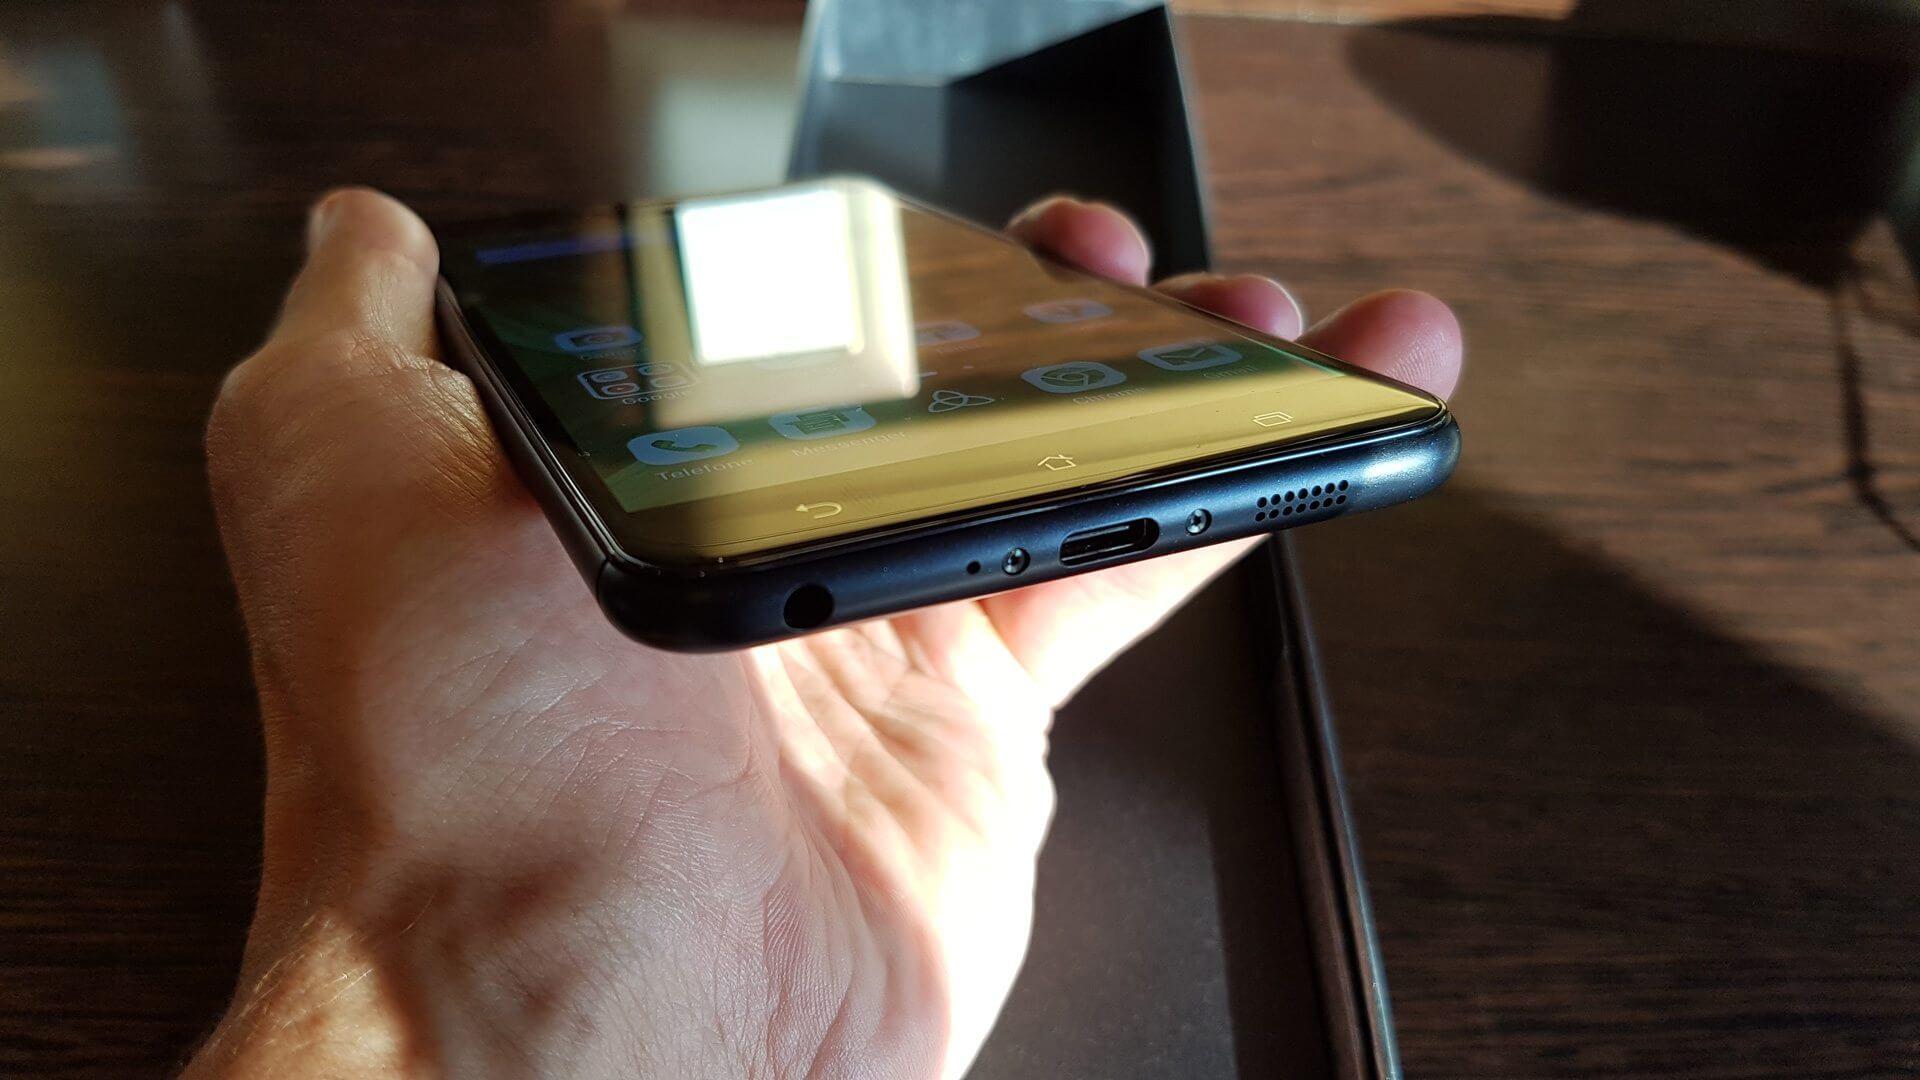 Zenfone 3 zoom usb tipo c